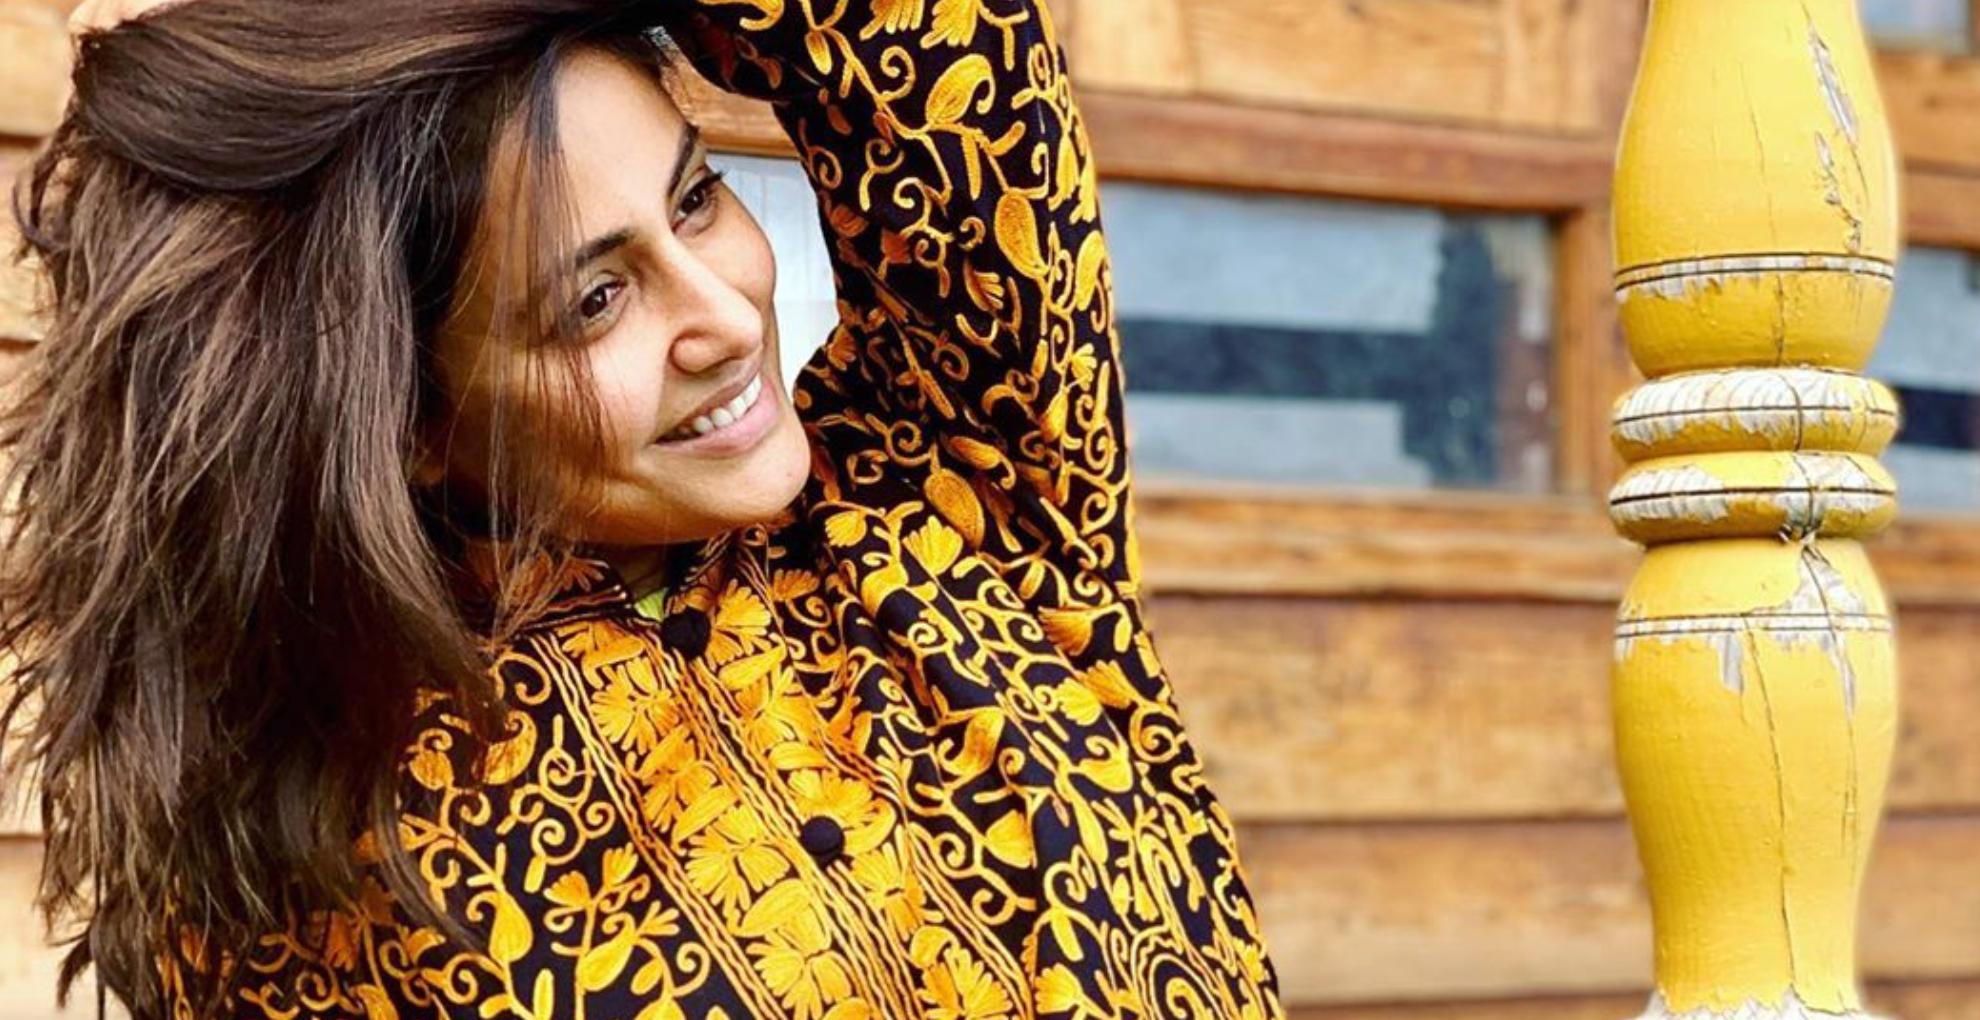 Trending News: हिना खान बिना मेकअप के आईं नजर, कॉलेज के दिनों में गैंबलिंग करते थे विवेक दहिया